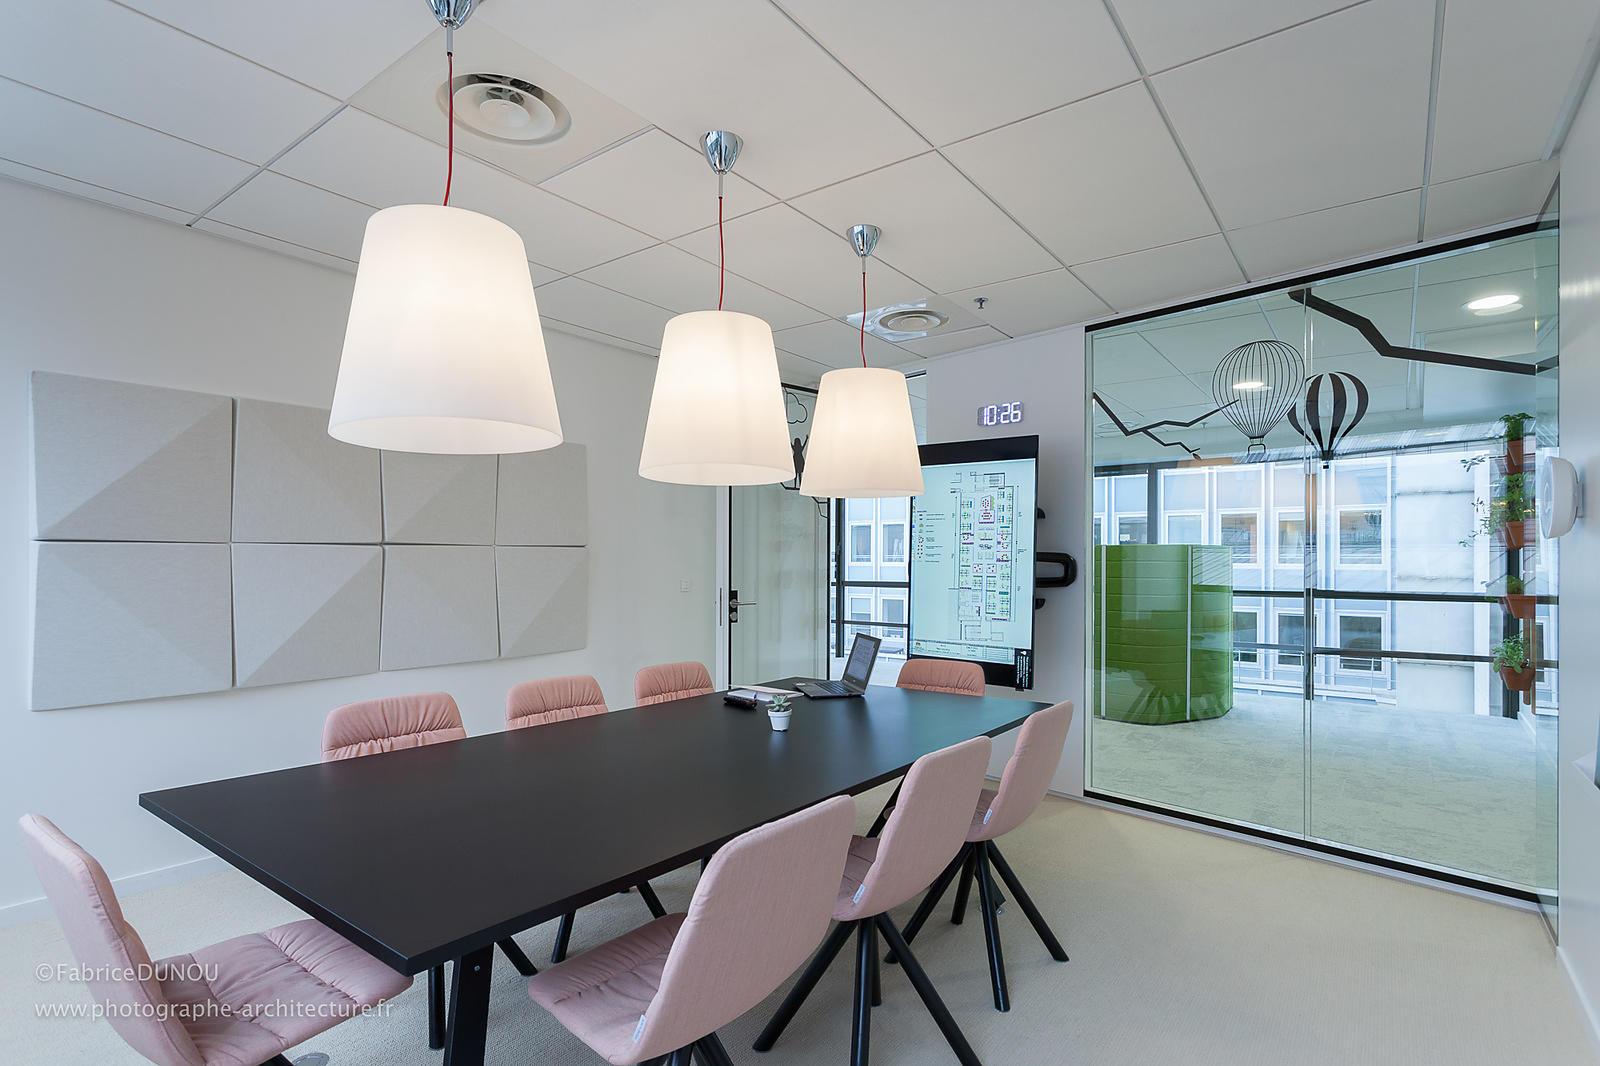 photographe d 39 architecture et d 39 architecture int rieure paris france europe bureaux mobilitis. Black Bedroom Furniture Sets. Home Design Ideas